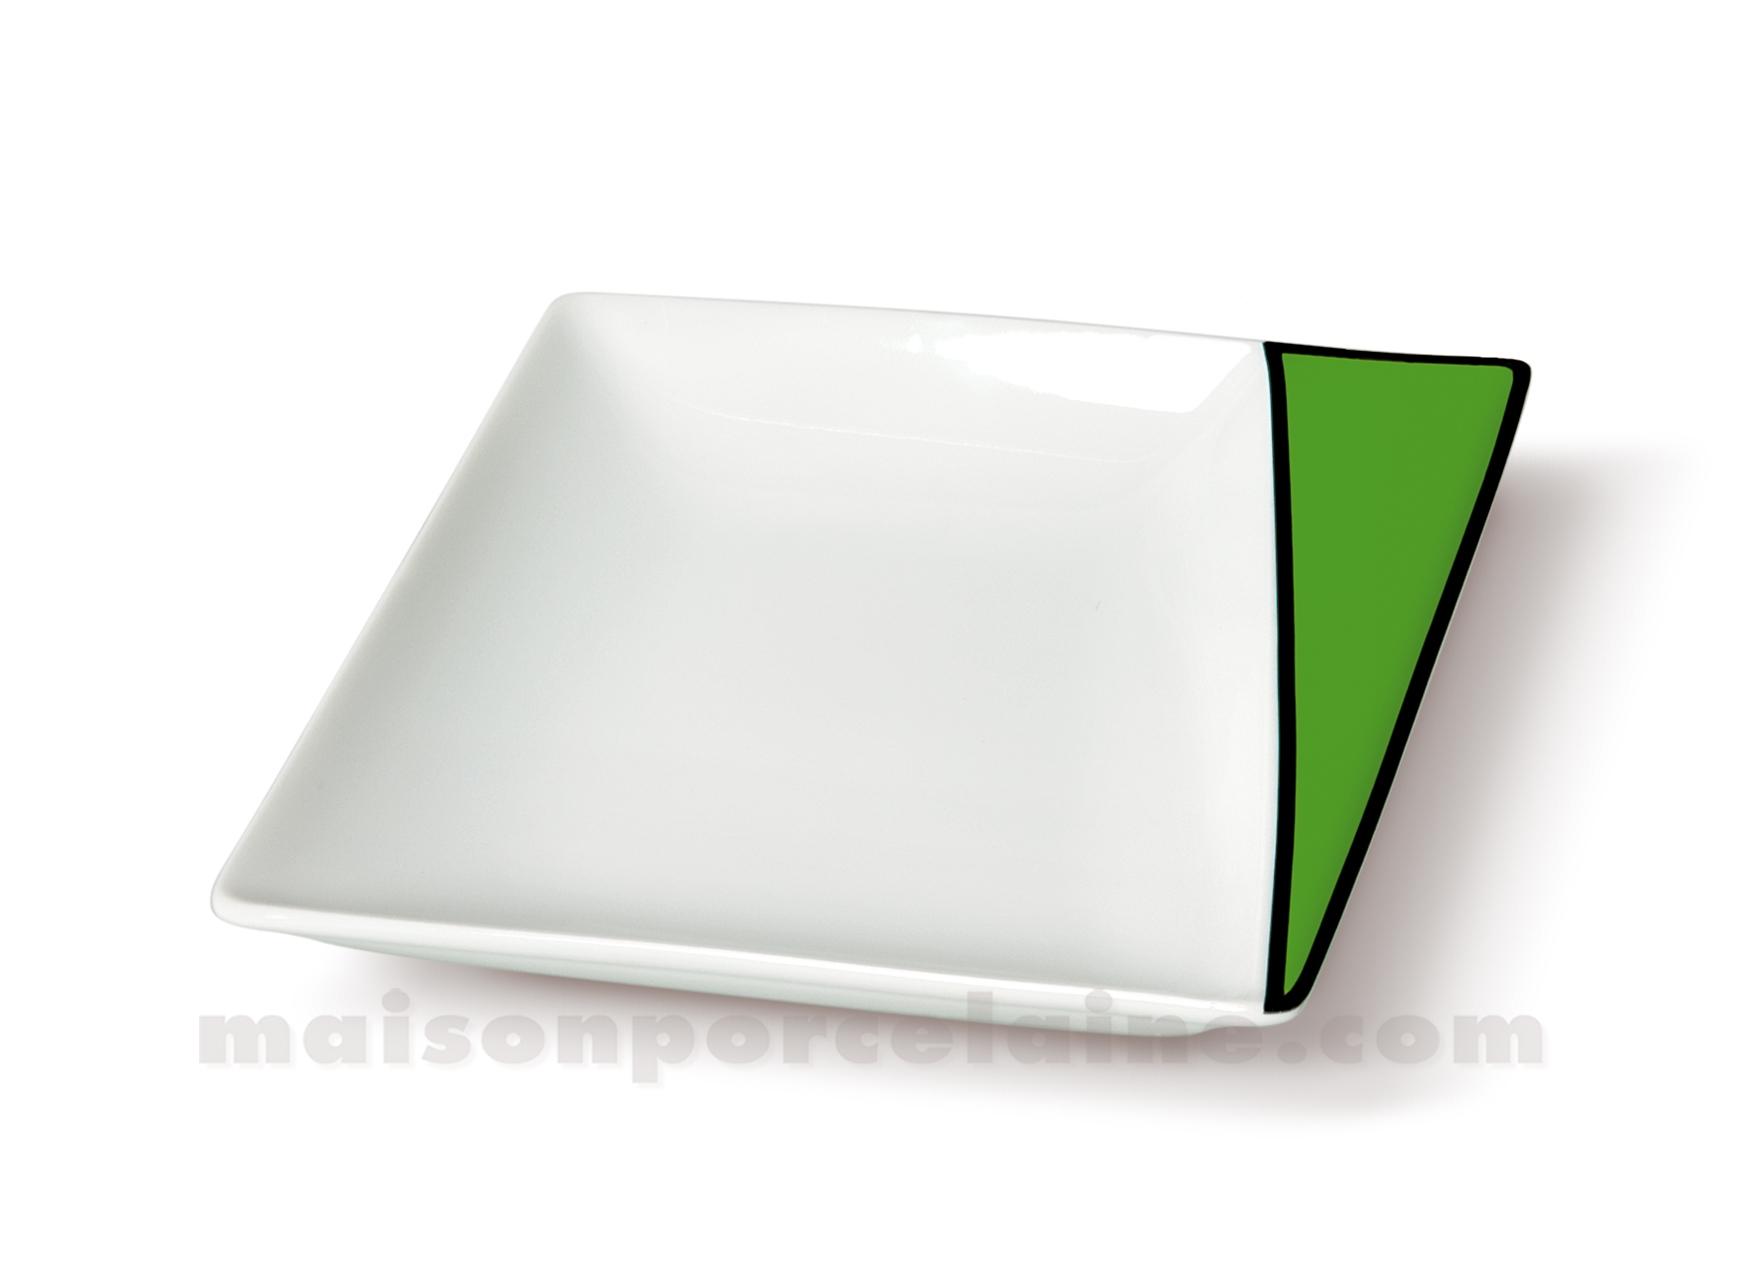 assiette carree creuse kheops 19 5x19 5x20x3 5 maison de la porcelaine. Black Bedroom Furniture Sets. Home Design Ideas